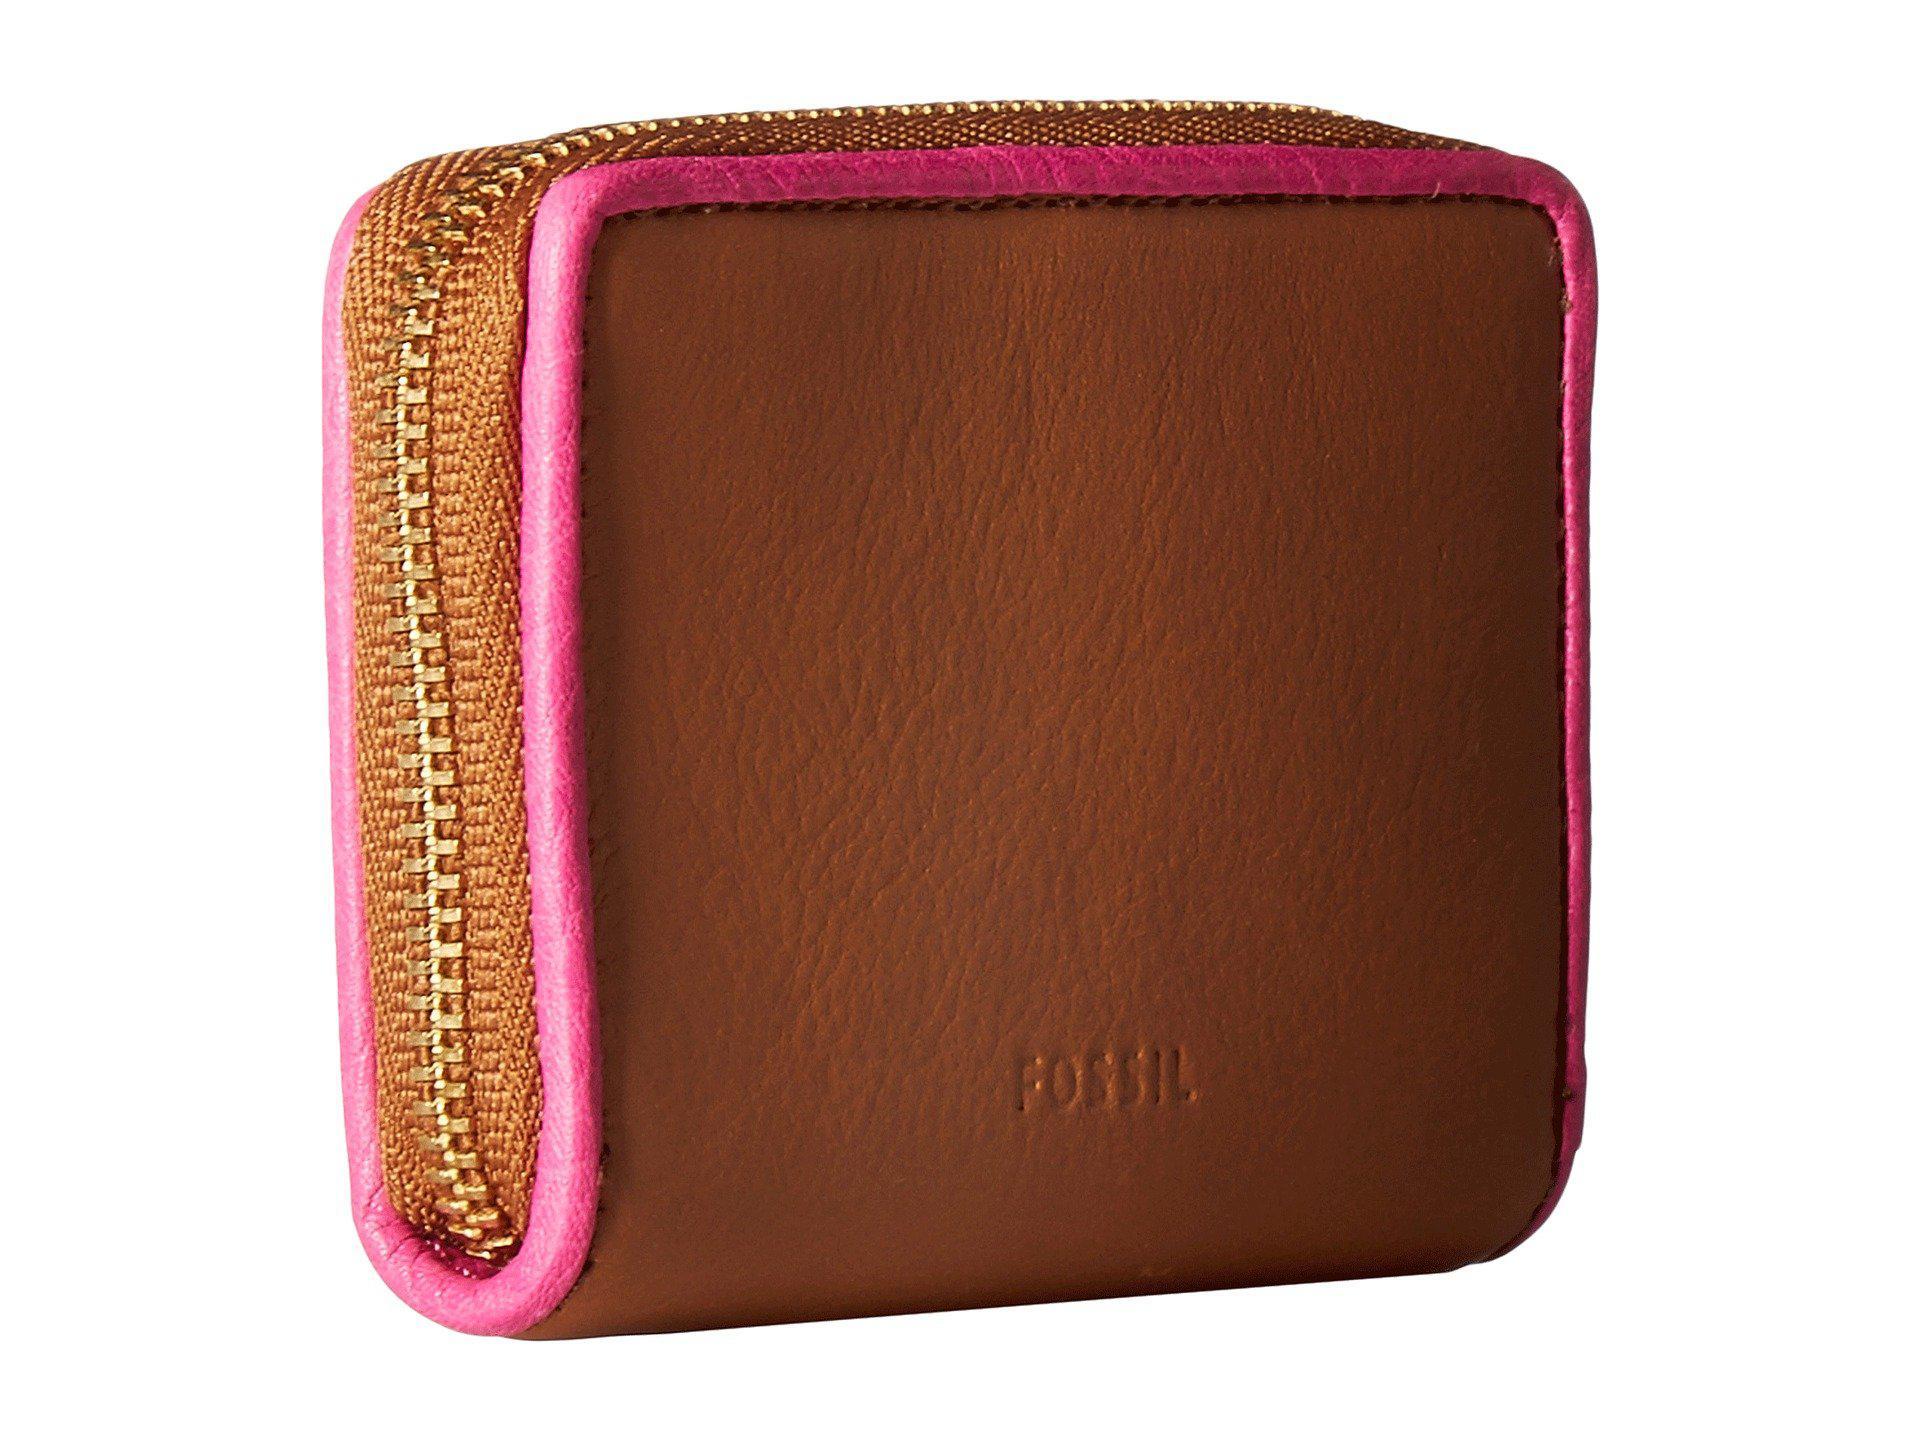 buy online 63b9d af84c Fossil Multicolor Rfid Mini Zip Card Case